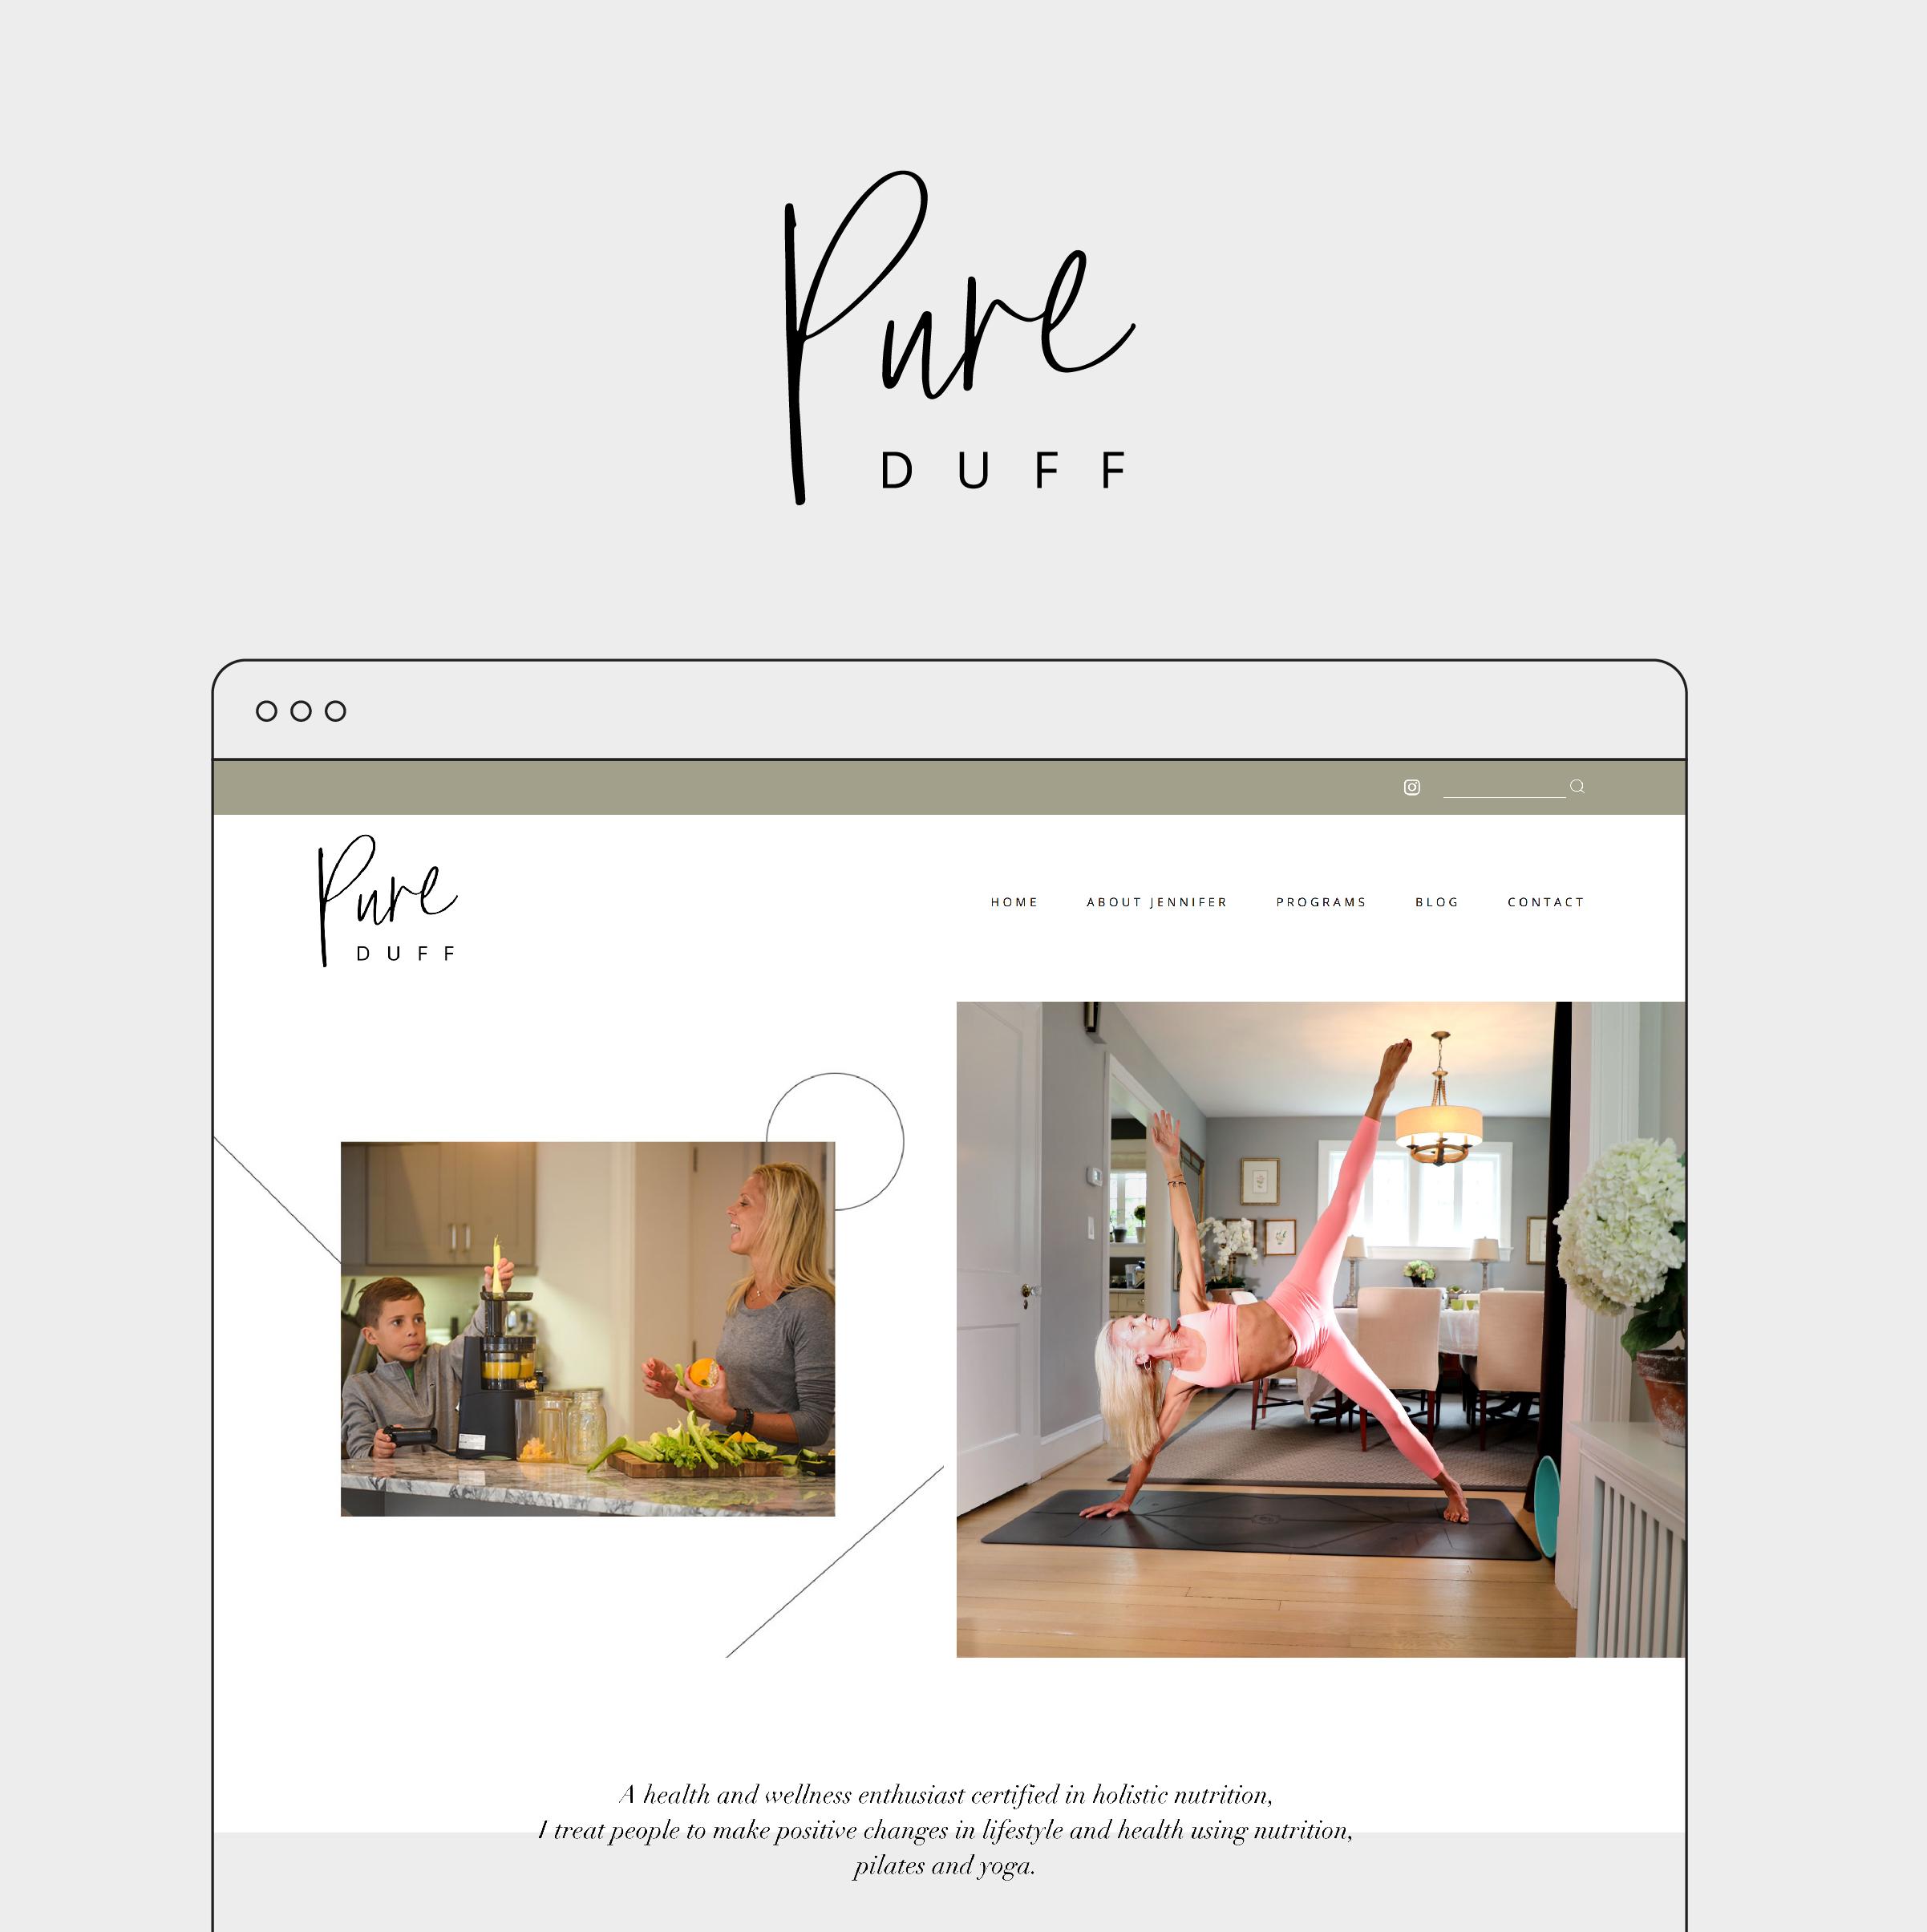 PureDuff_IG_Swipes_1.jpg